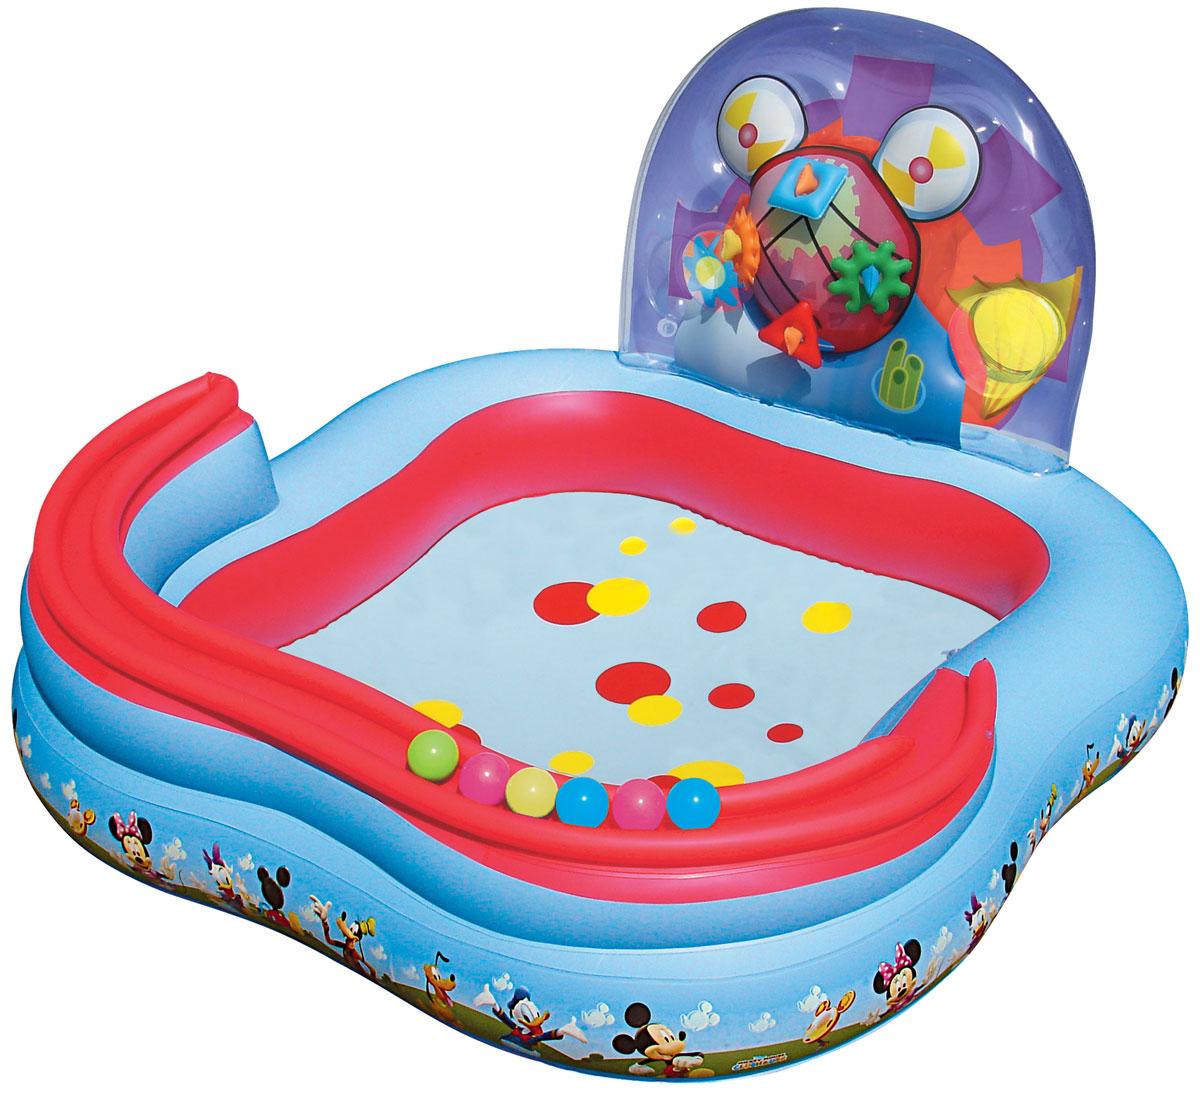 Bestway Игровой бассейн, с принадлежностями для игр. 91015B91015BДетский надувной игровой бассейн Bestway Mickey Mouse ClubHouse - идеальное летнее развлечение, которое надолго завладеет вниманием ребенка. Бассейн изготовлен из прочного и испытанного винила, имеет предохранительные клапаны. В комплект к бассейну входят 4 надувных кольца, 6 мячей для игры, надувная горка для катящихся мячиков. Оформлен бассейн изображениями Микки Мауса и его друзей. Это отличный отдых для всех детей! В комплект также входит специальная заплата для ремонта изделия в случае прокола. Расчетный объем бассейна: 151 литр.